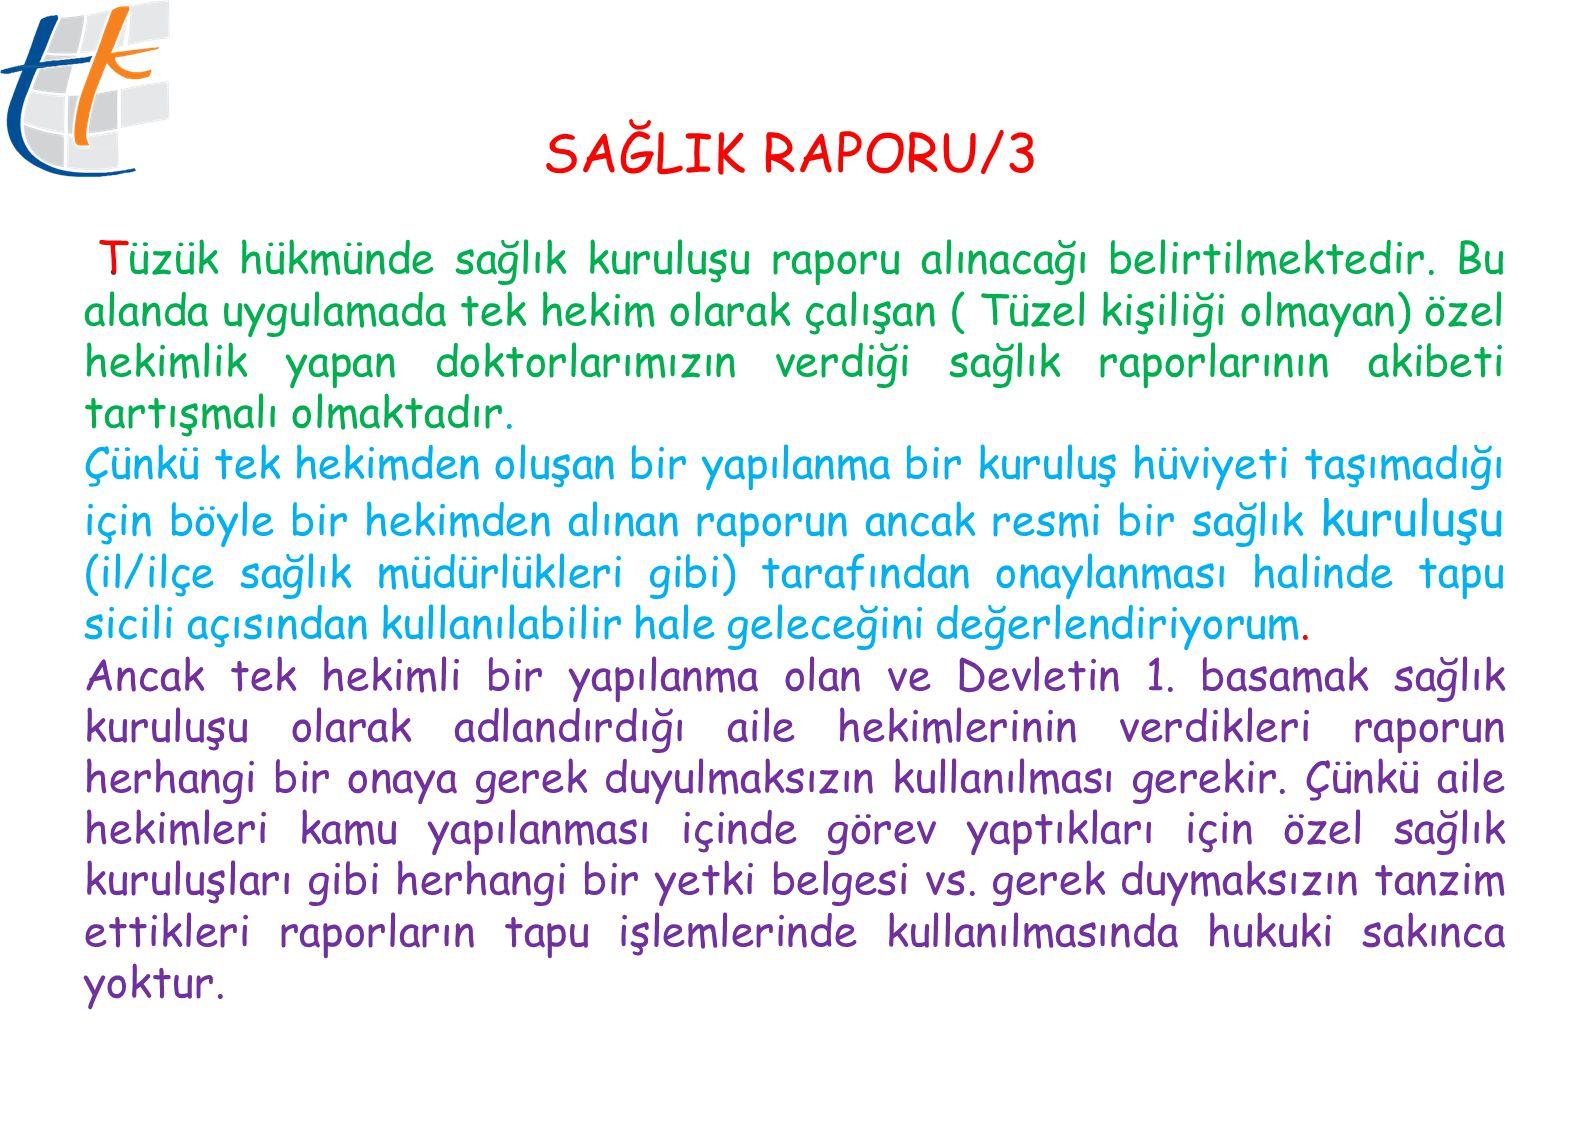 SAĞLIK RAPORU/3 .